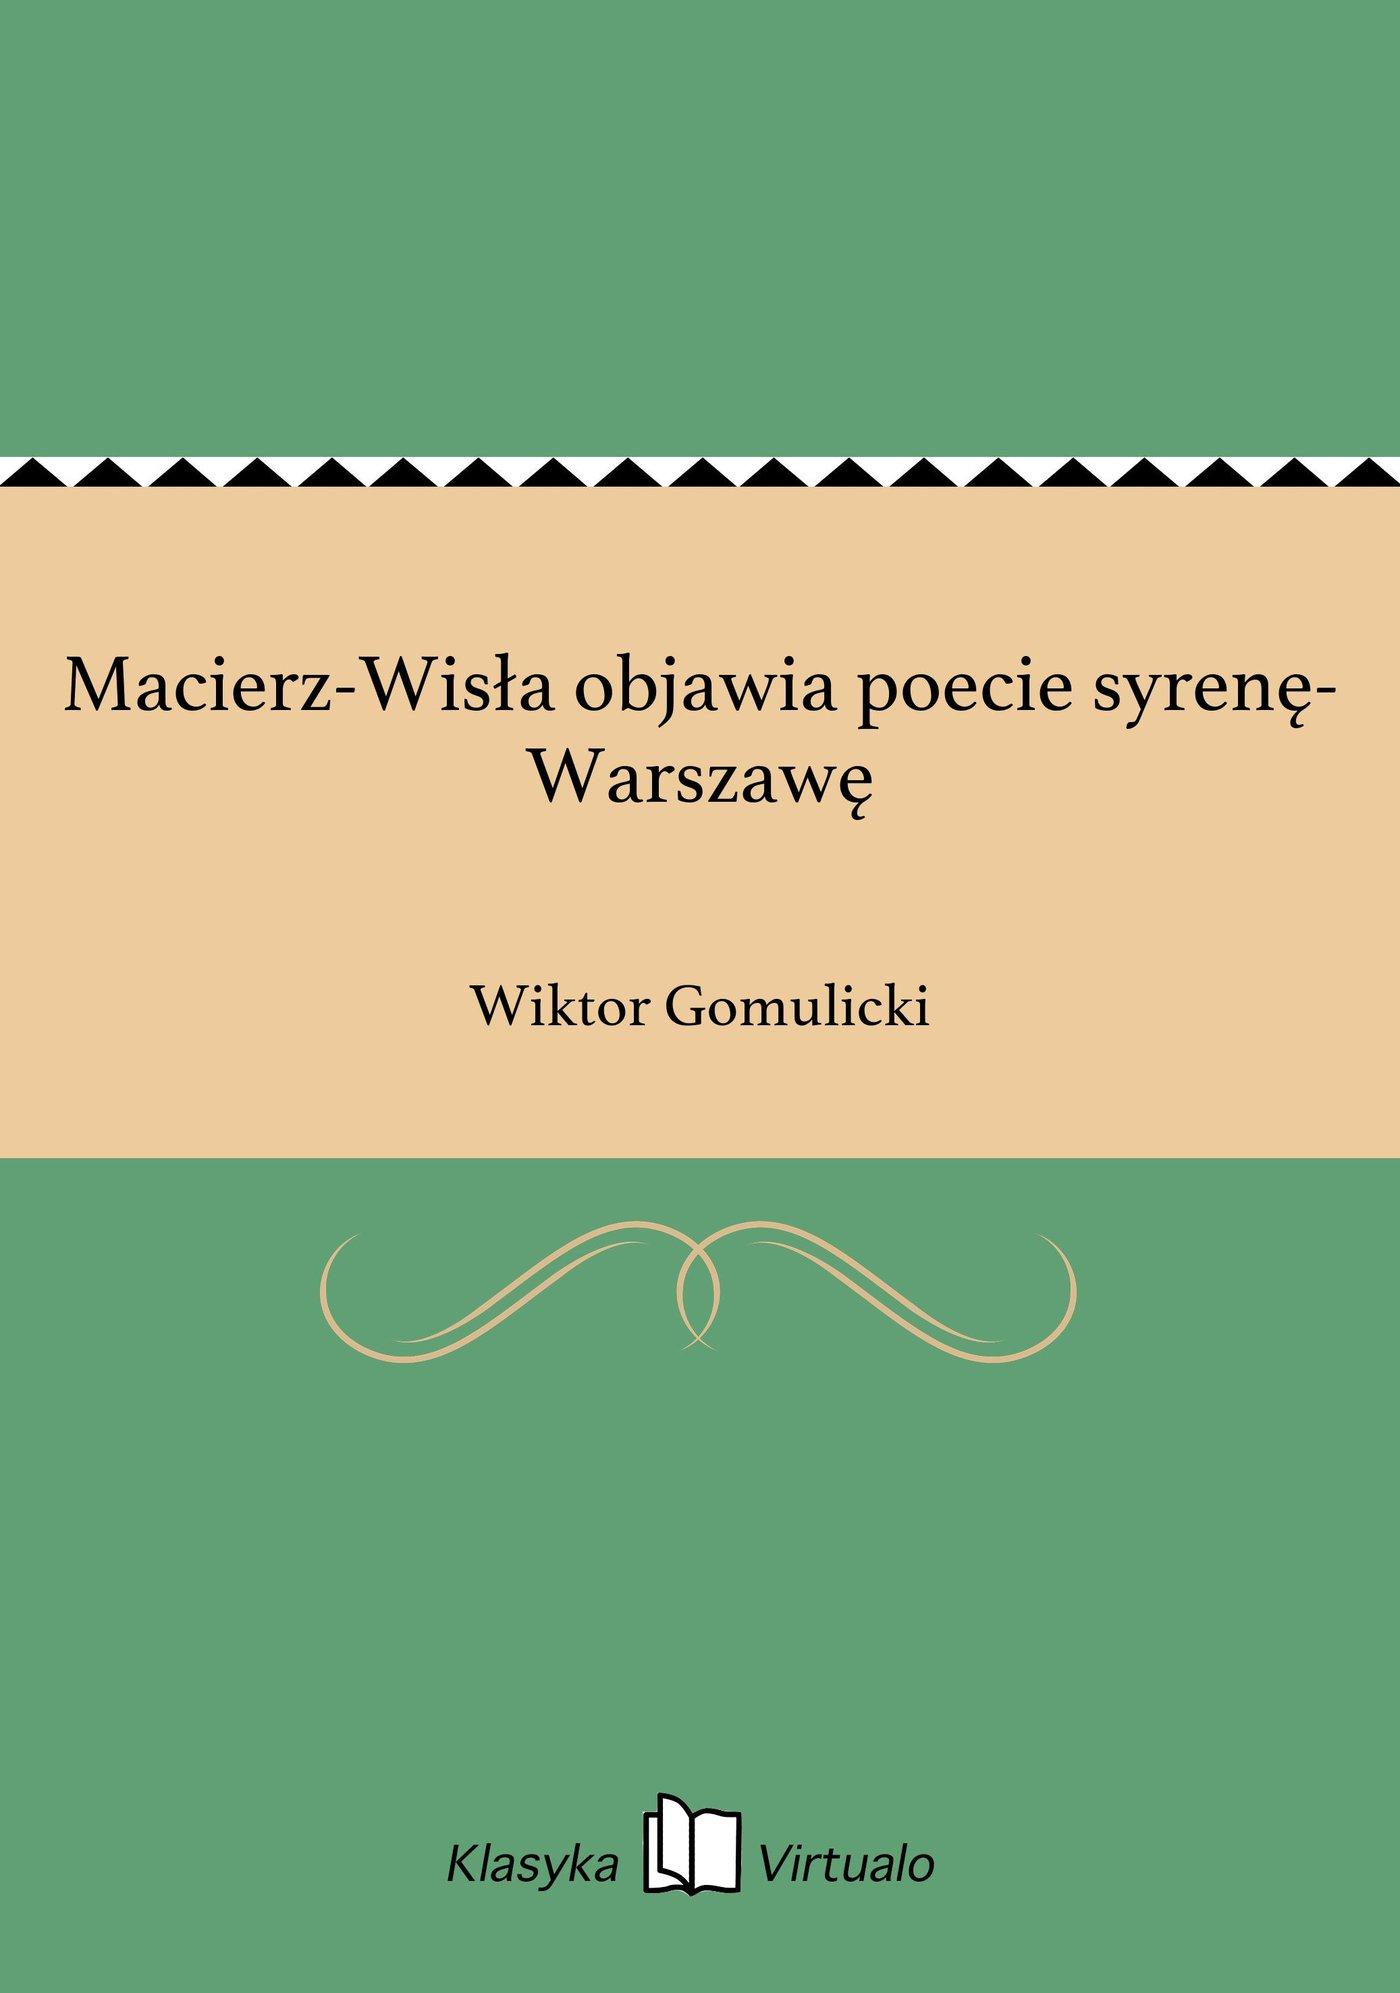 Macierz-Wisła objawia poecie syrenę-Warszawę - Ebook (Książka EPUB) do pobrania w formacie EPUB